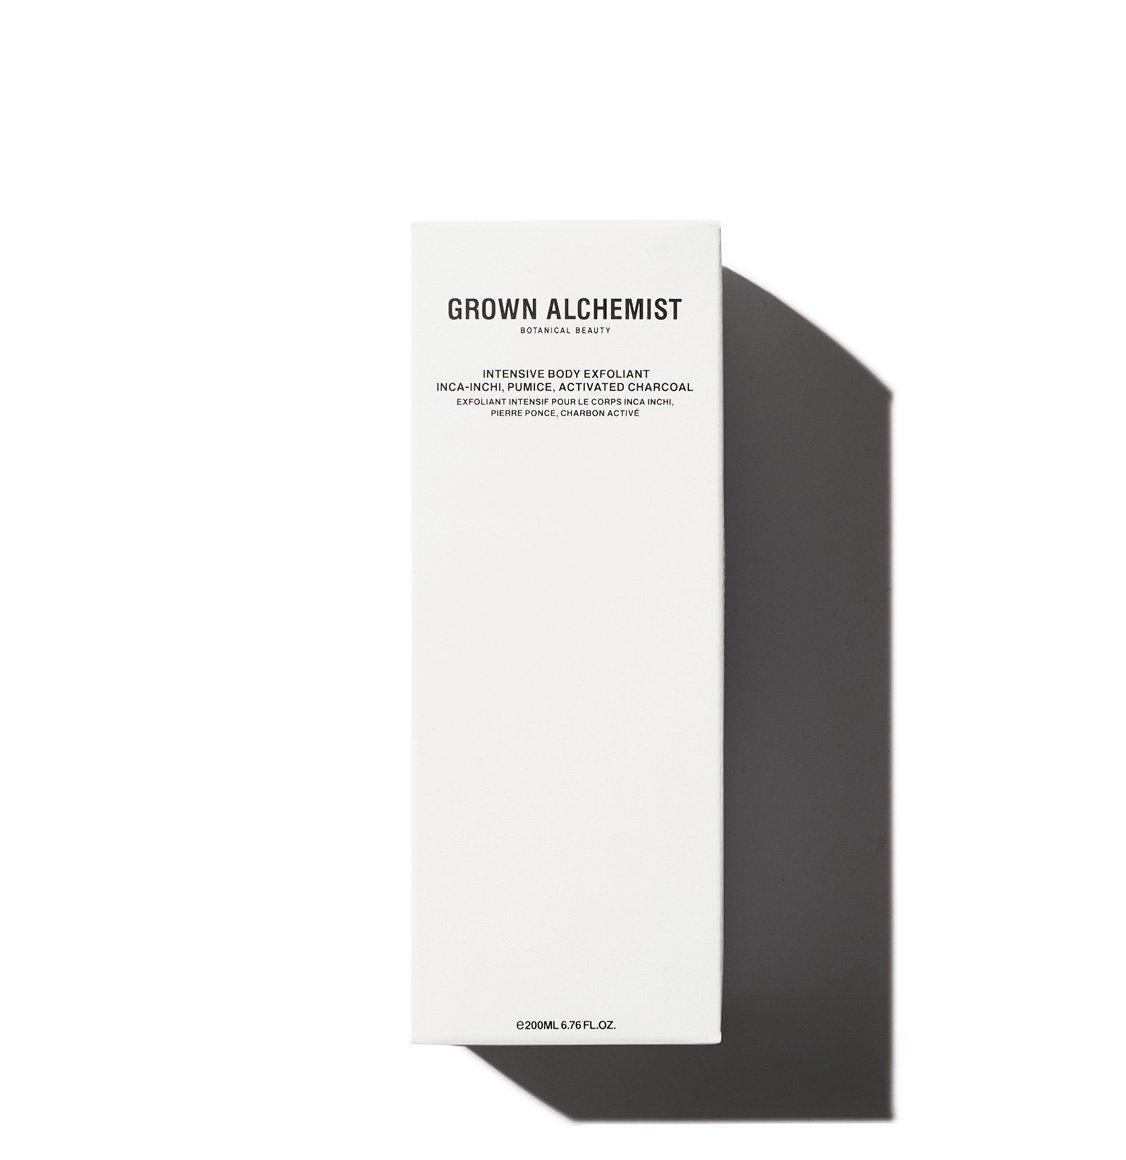 Grown Alchemist Body Exfoliant 200ml